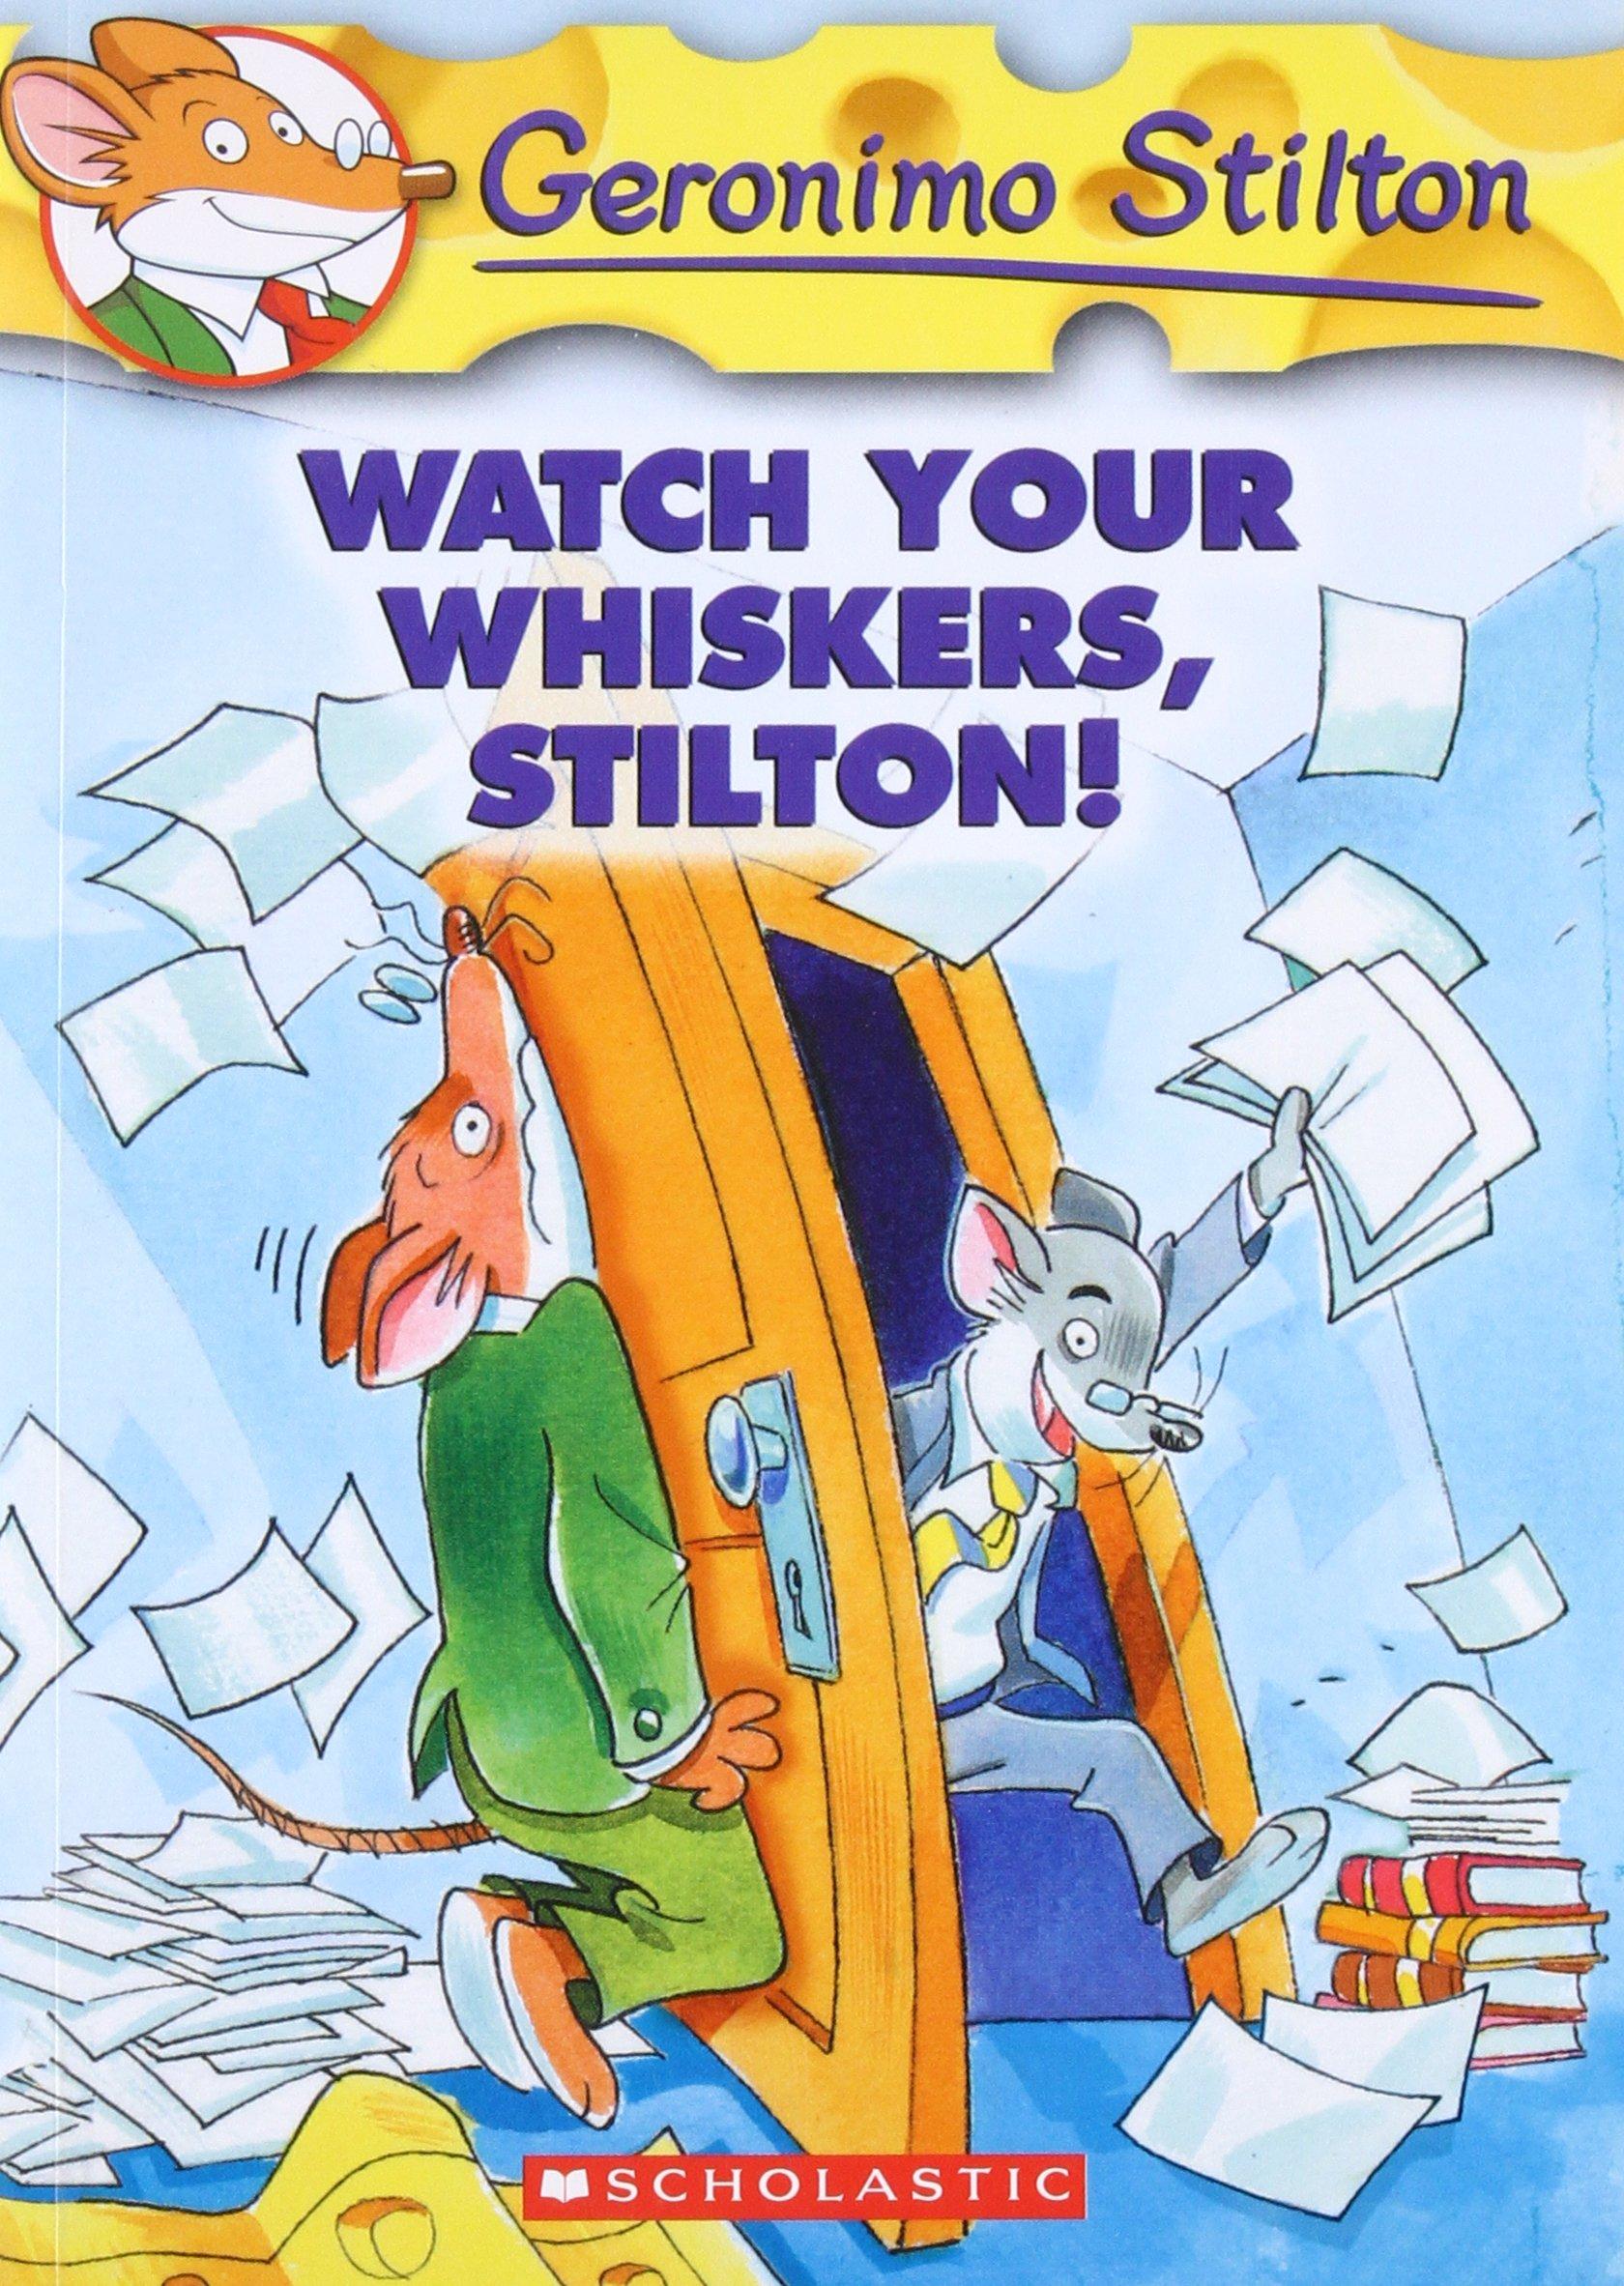 Watch Your Whiskers, Stilton! (Geronimo Stilton, No. 17)